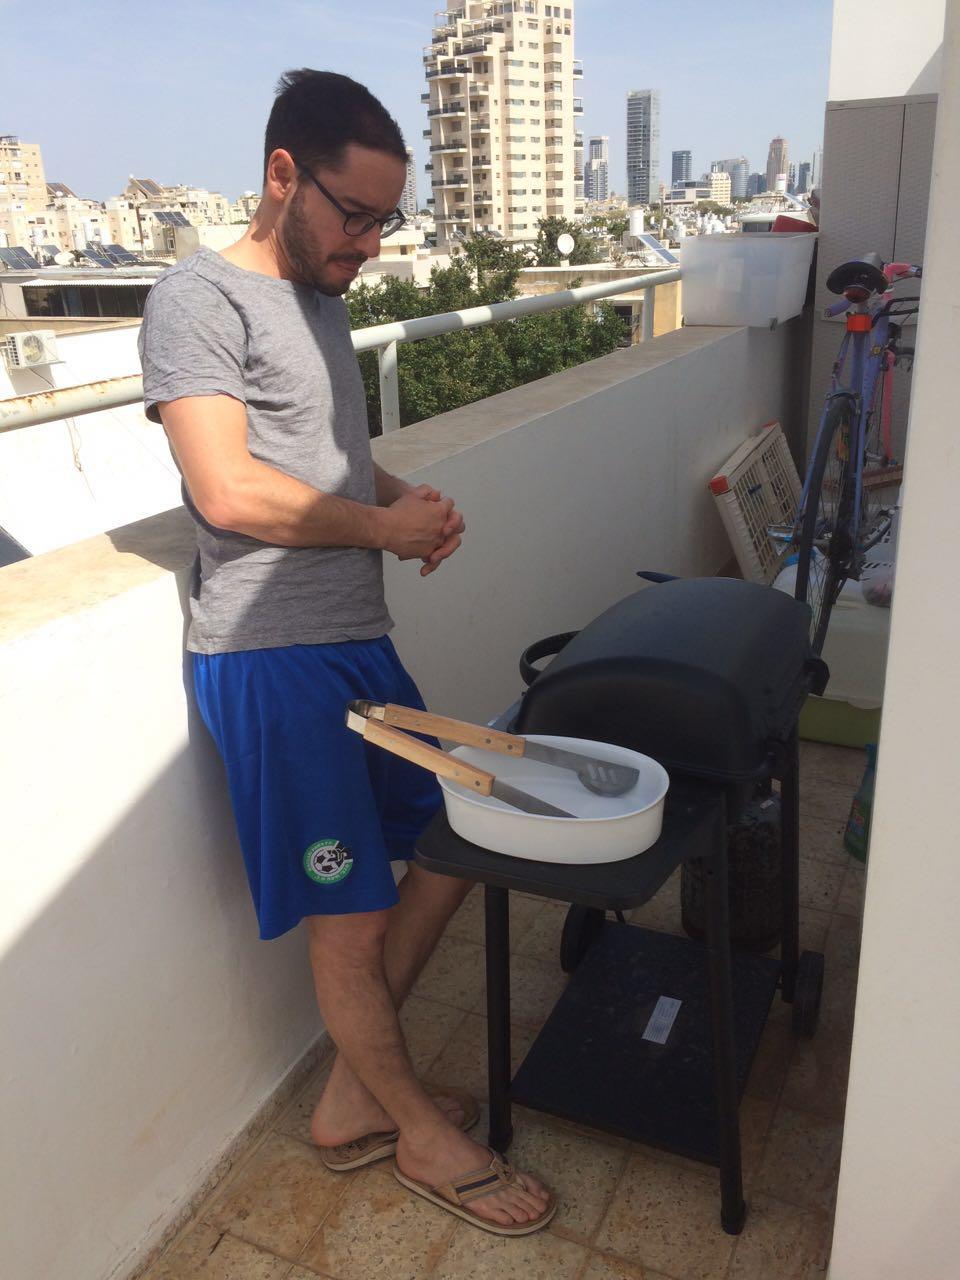 Les Israéliens et leur barbecue – peu importe que les grillades soient faites sur les toits de la ville ou dans un parc, ce qui importe est qu'il y ait beaucoup de viande et beaucoup de participants (photo : KH)